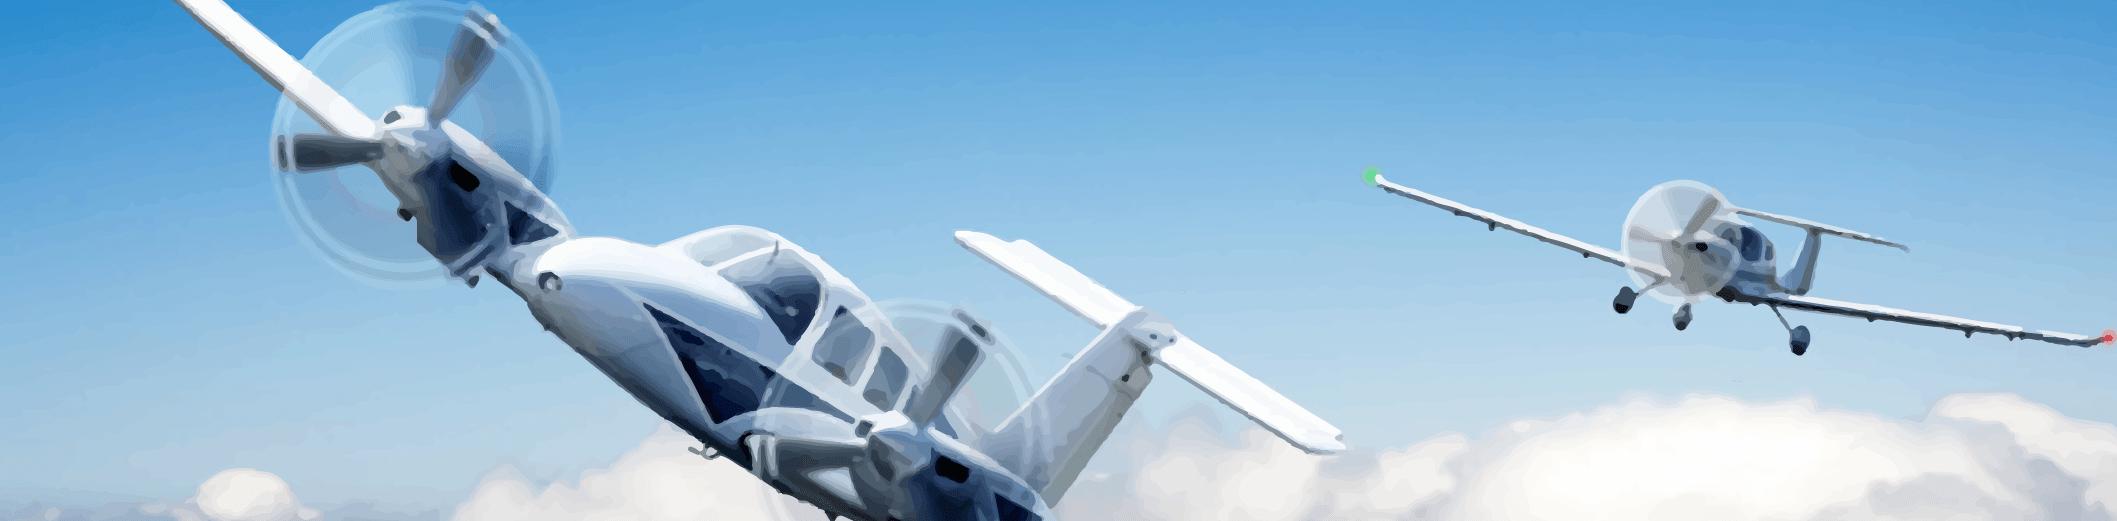 שני מטוסים קלים